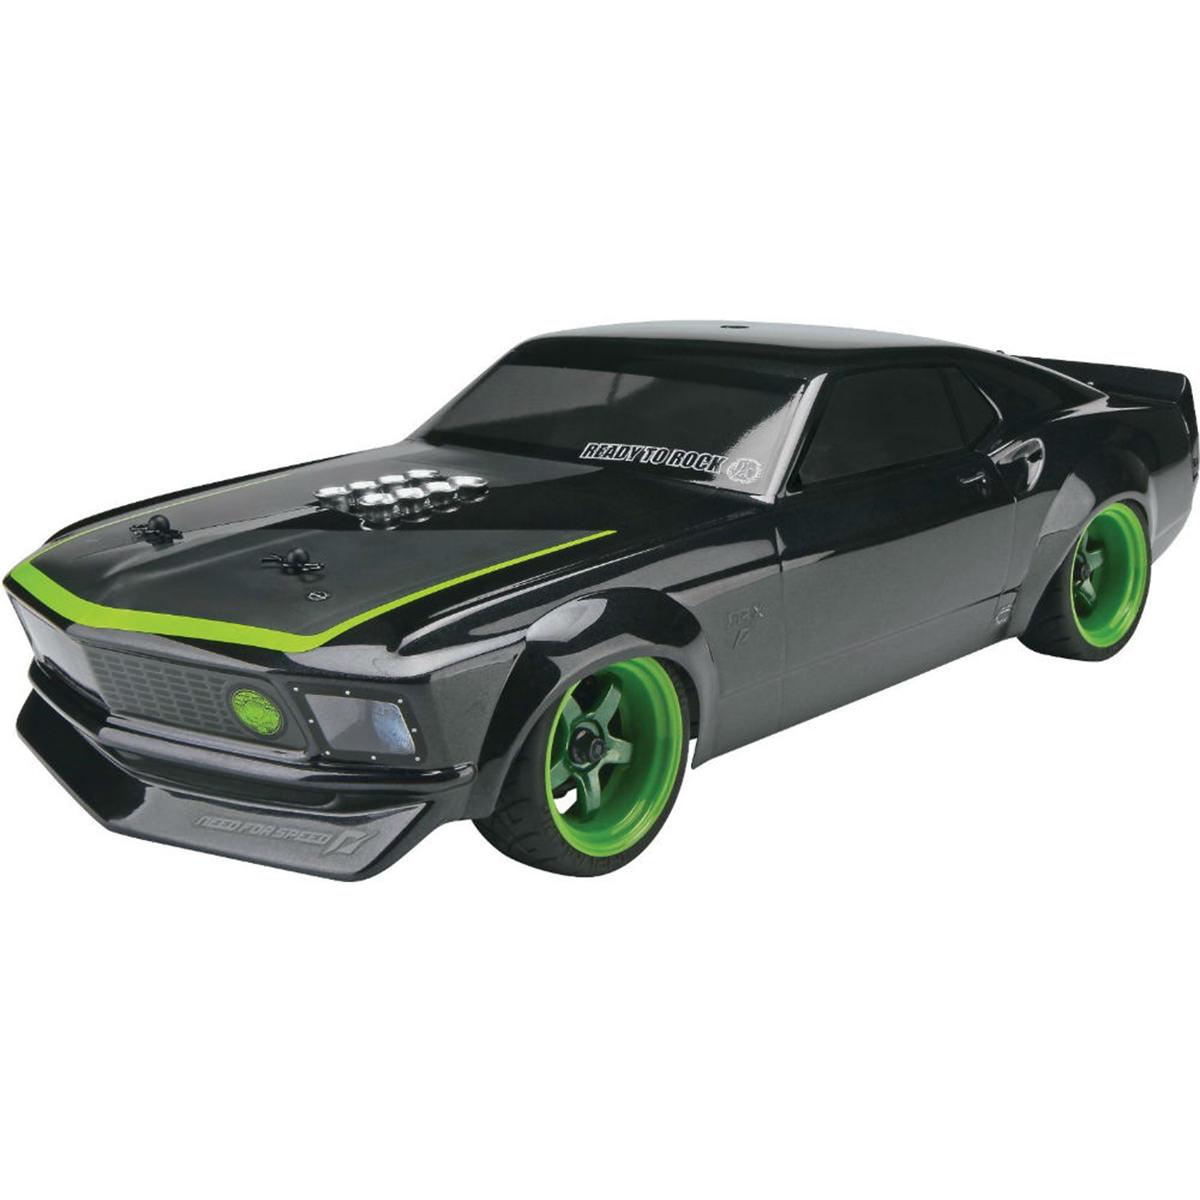 hpi sprint 2 sport rc car at hobby warehouse. Black Bedroom Furniture Sets. Home Design Ideas